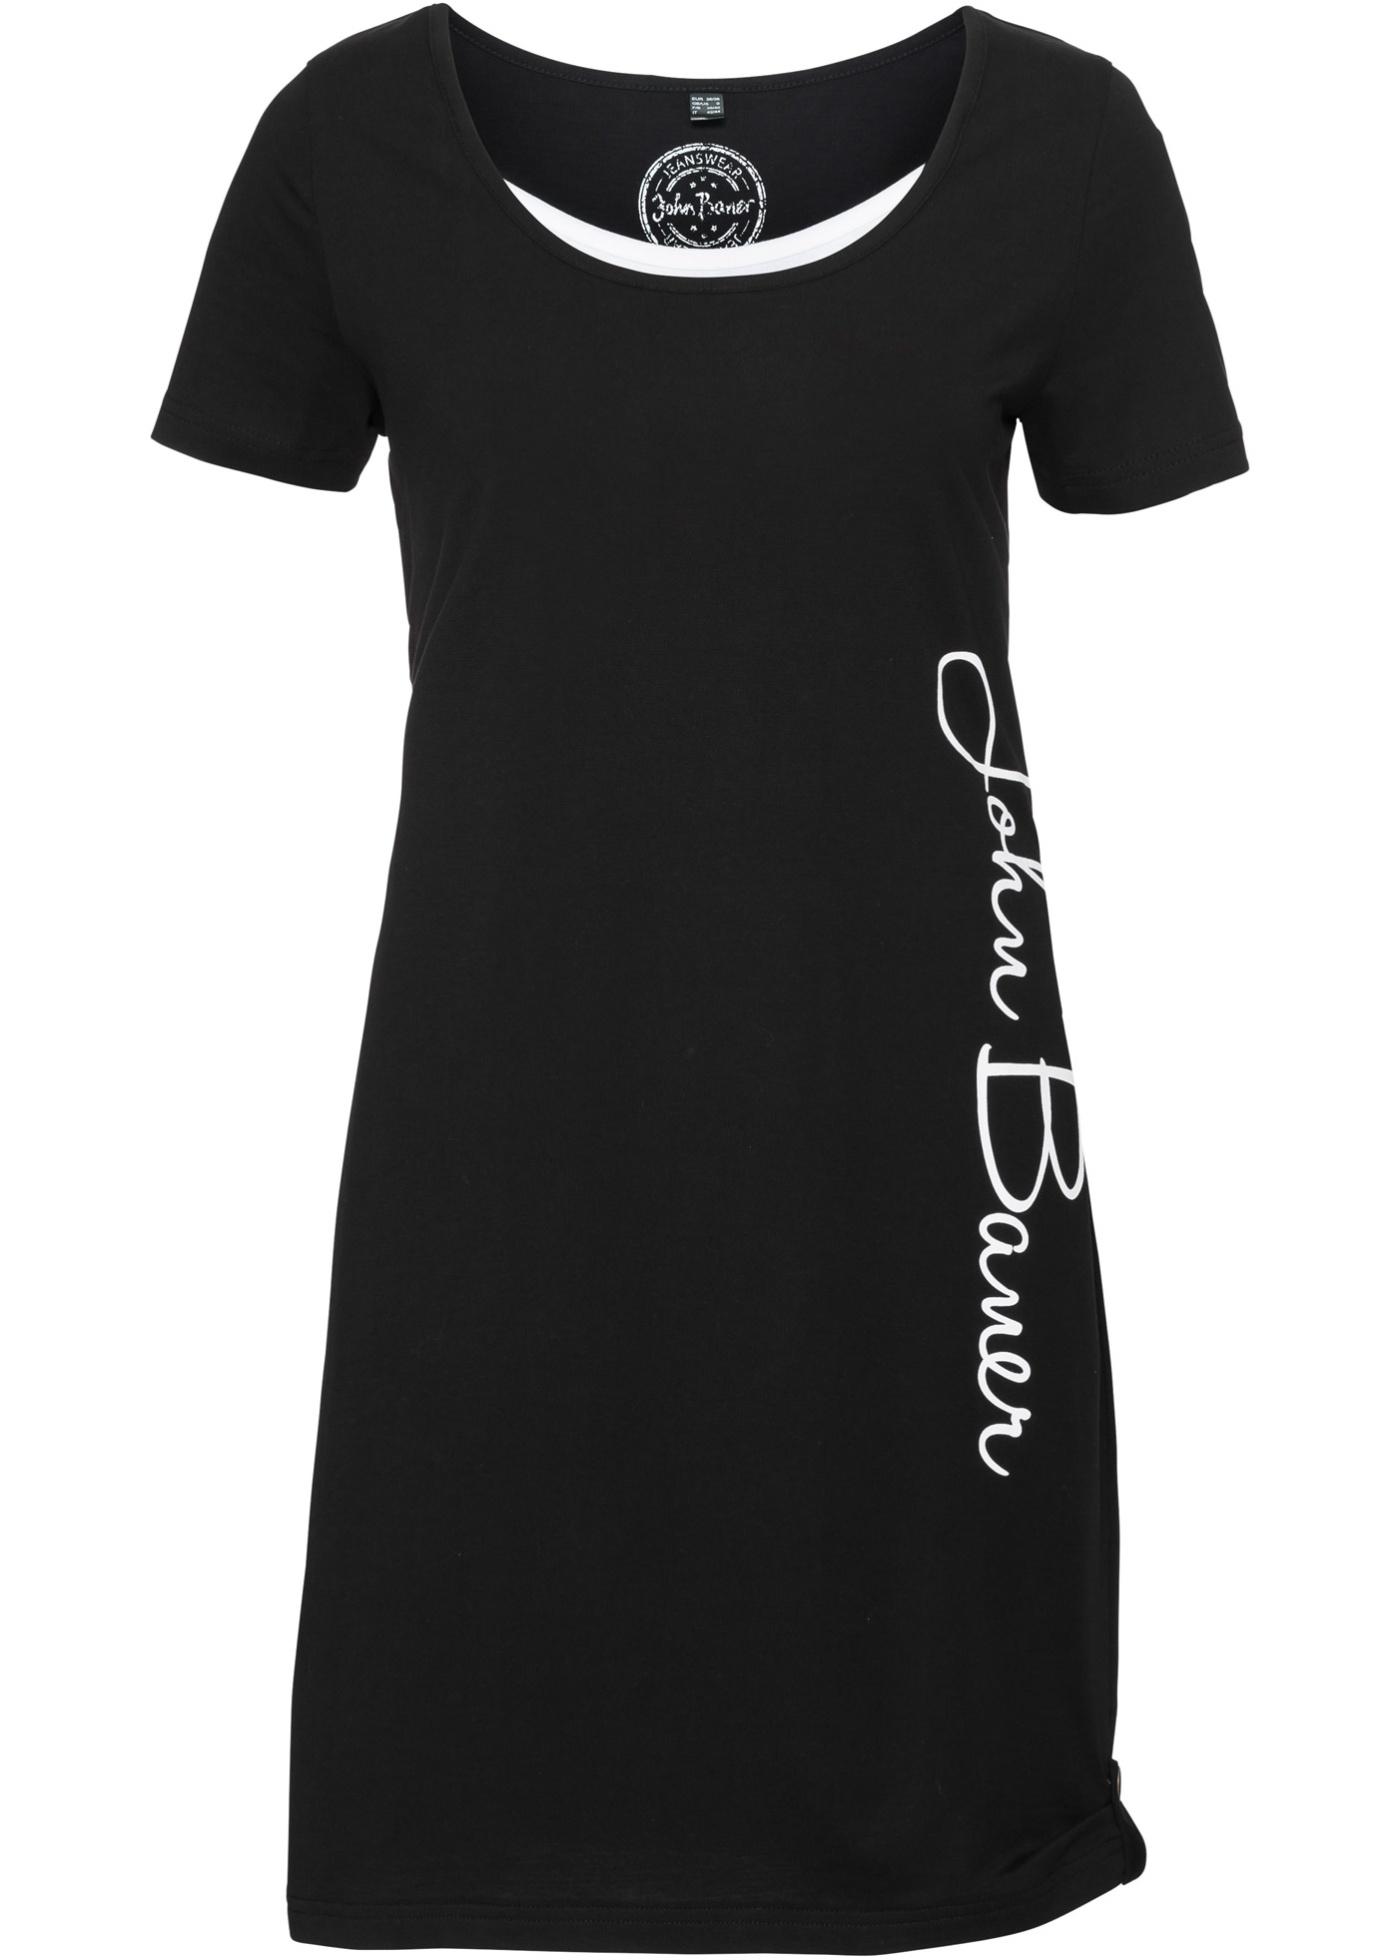 Kurzarm-Shirtkleid mit Druck